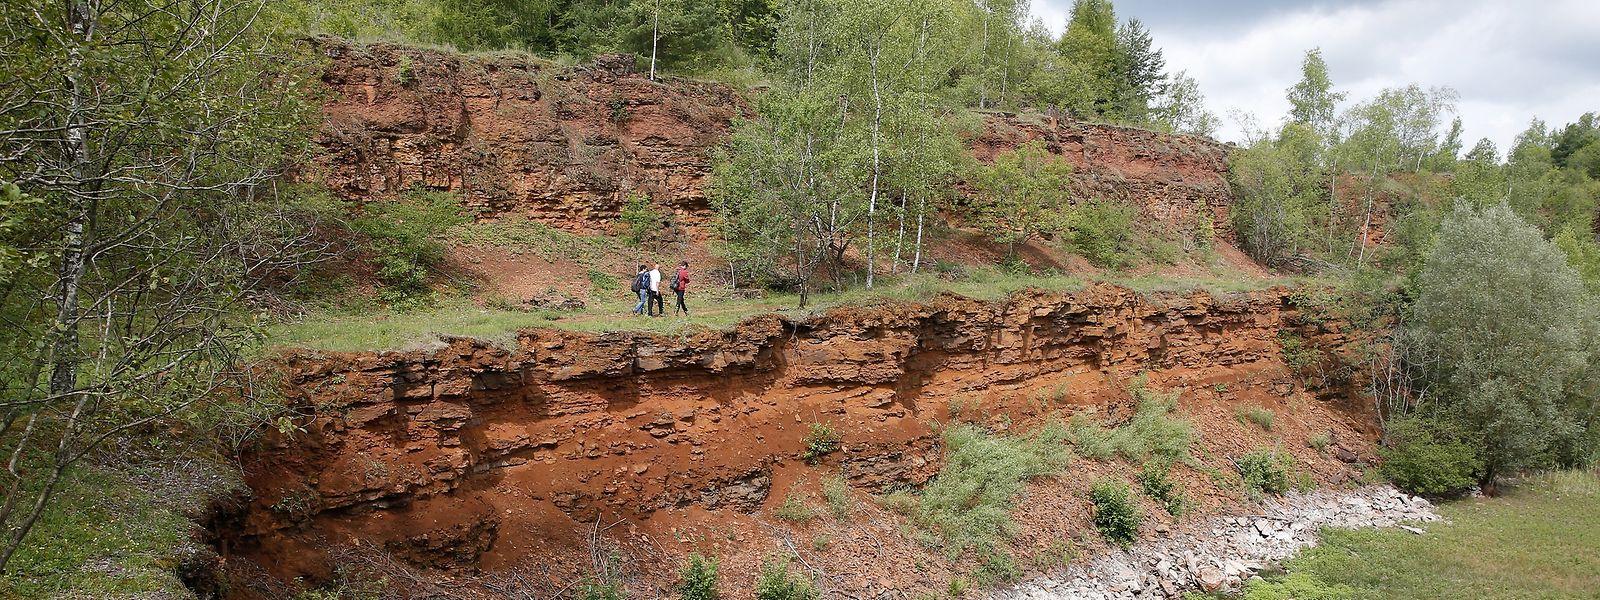 Die Naturreservate in den früheren Tagebaugebieten könnten die Kernzonen eines zukünftigen Biosphärenreservates bilden.